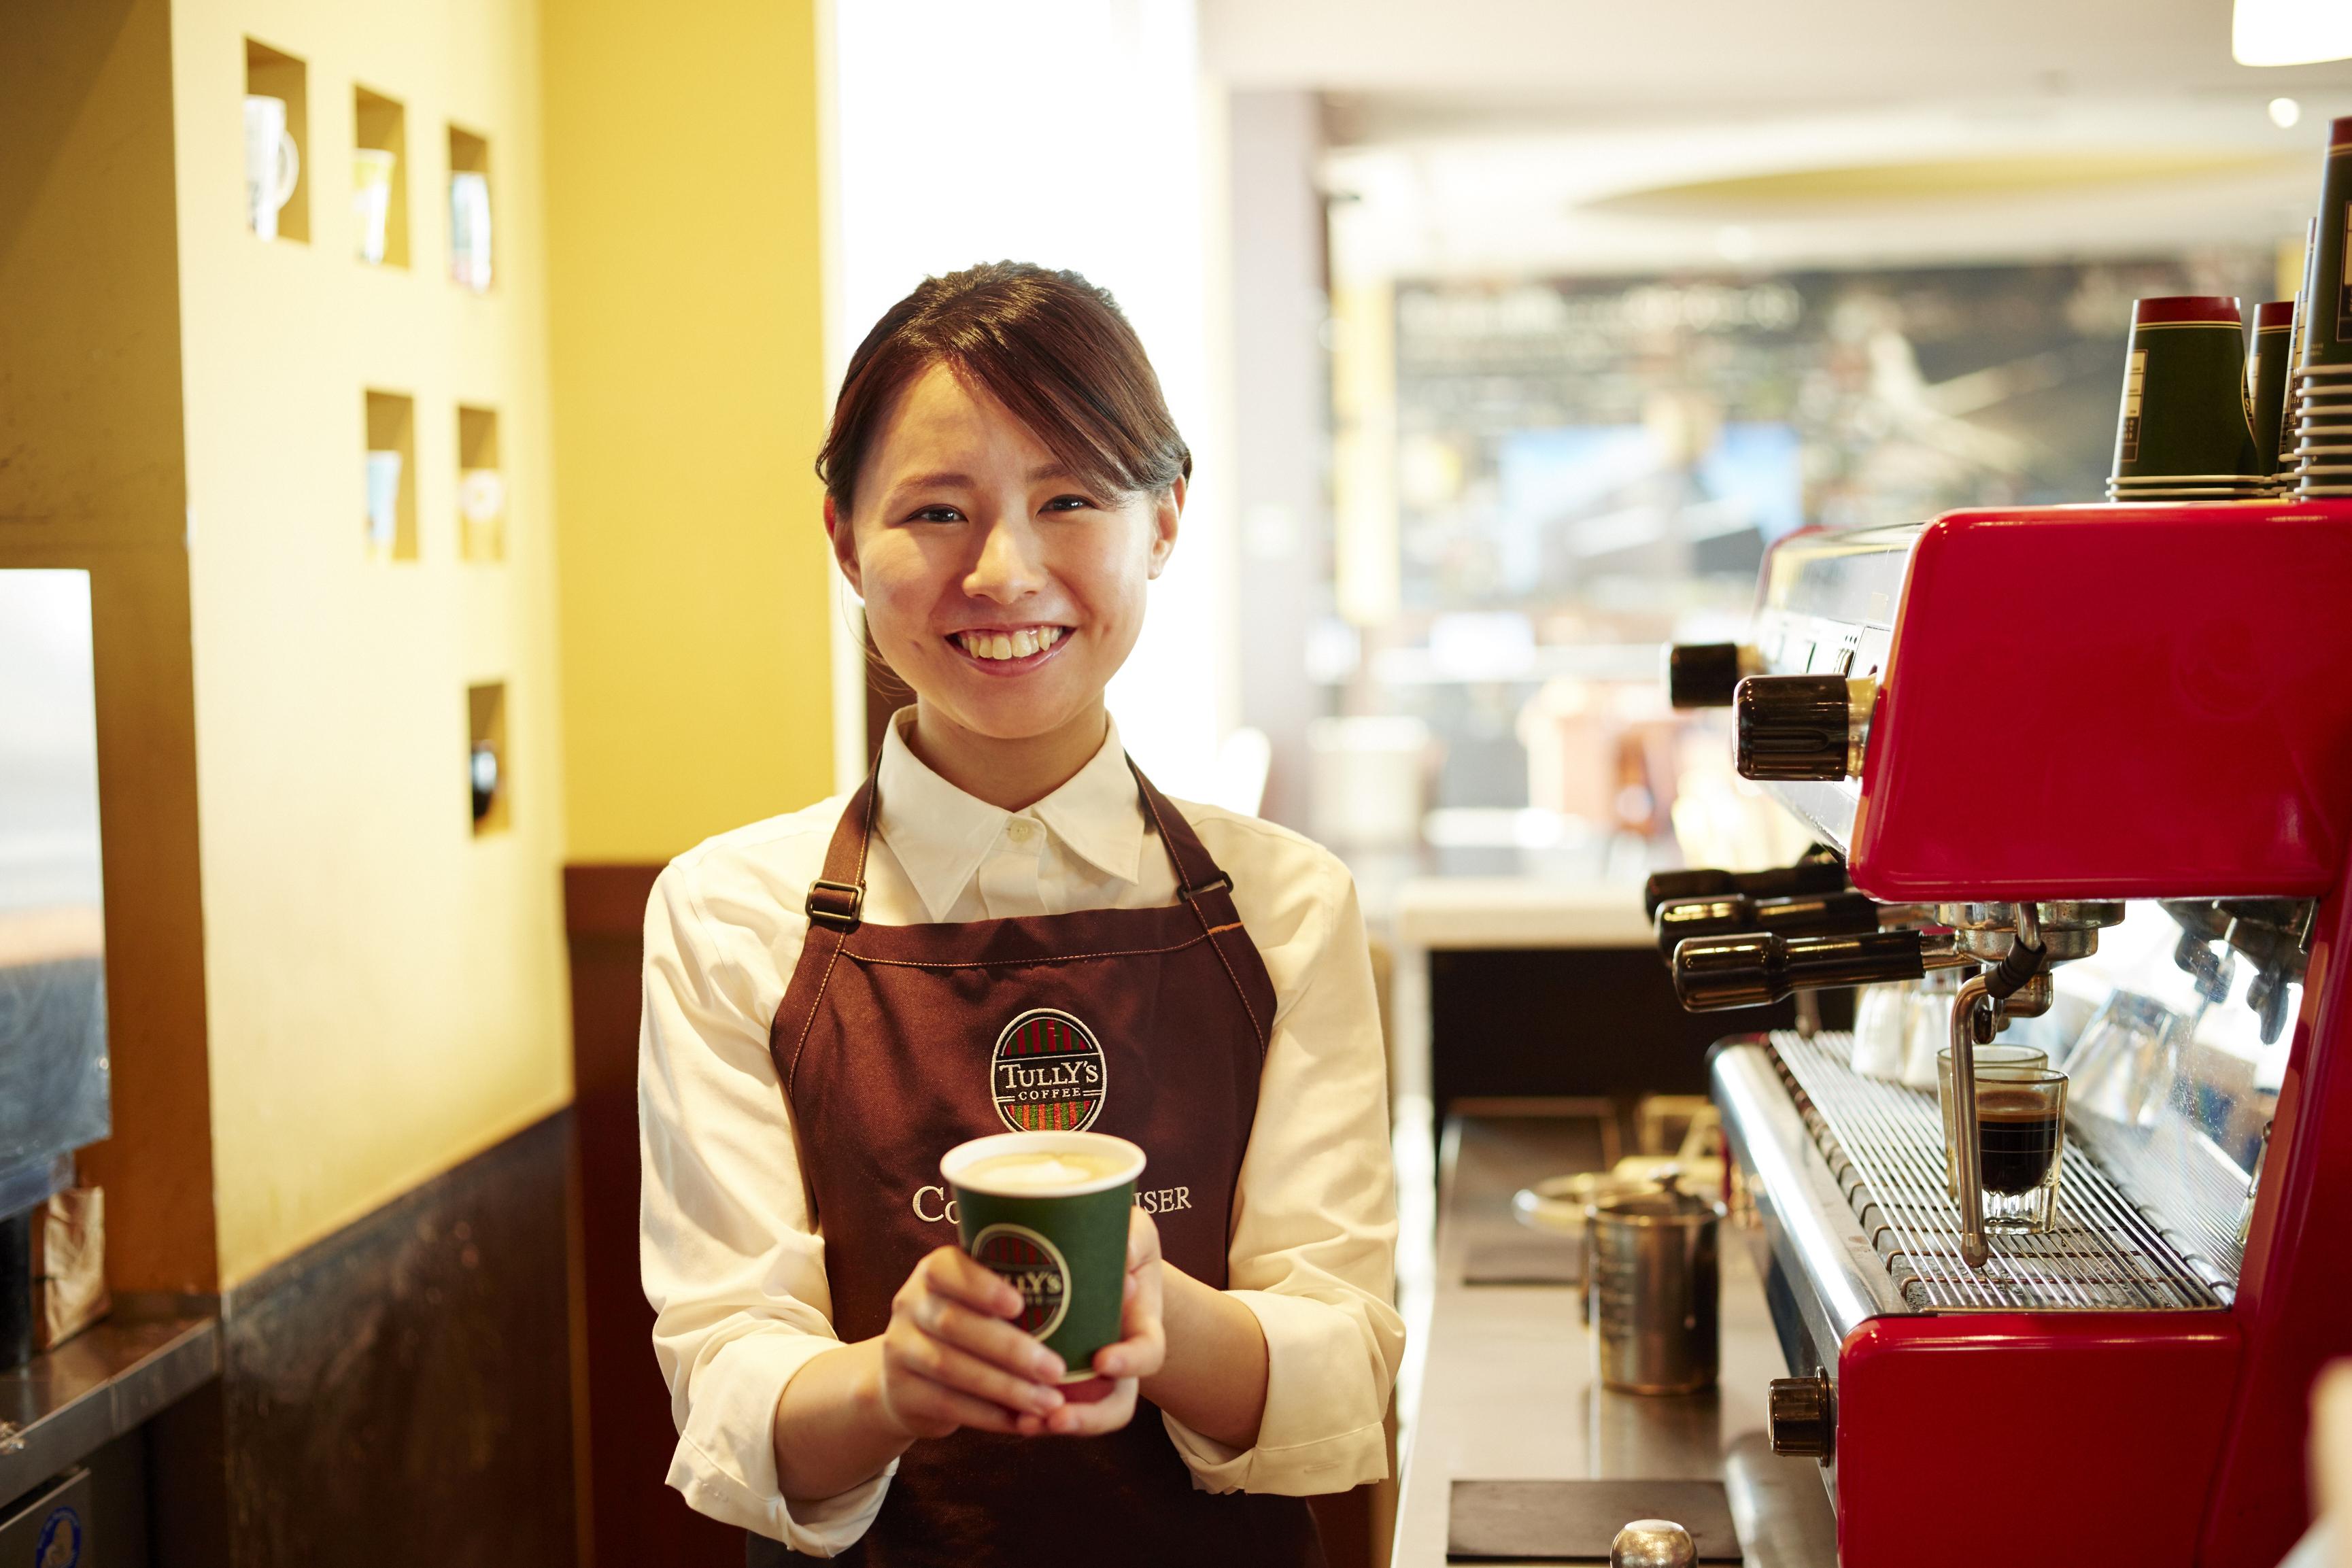 タリーズコーヒー ワイプラザ新保店|TULLY'S COFFEE